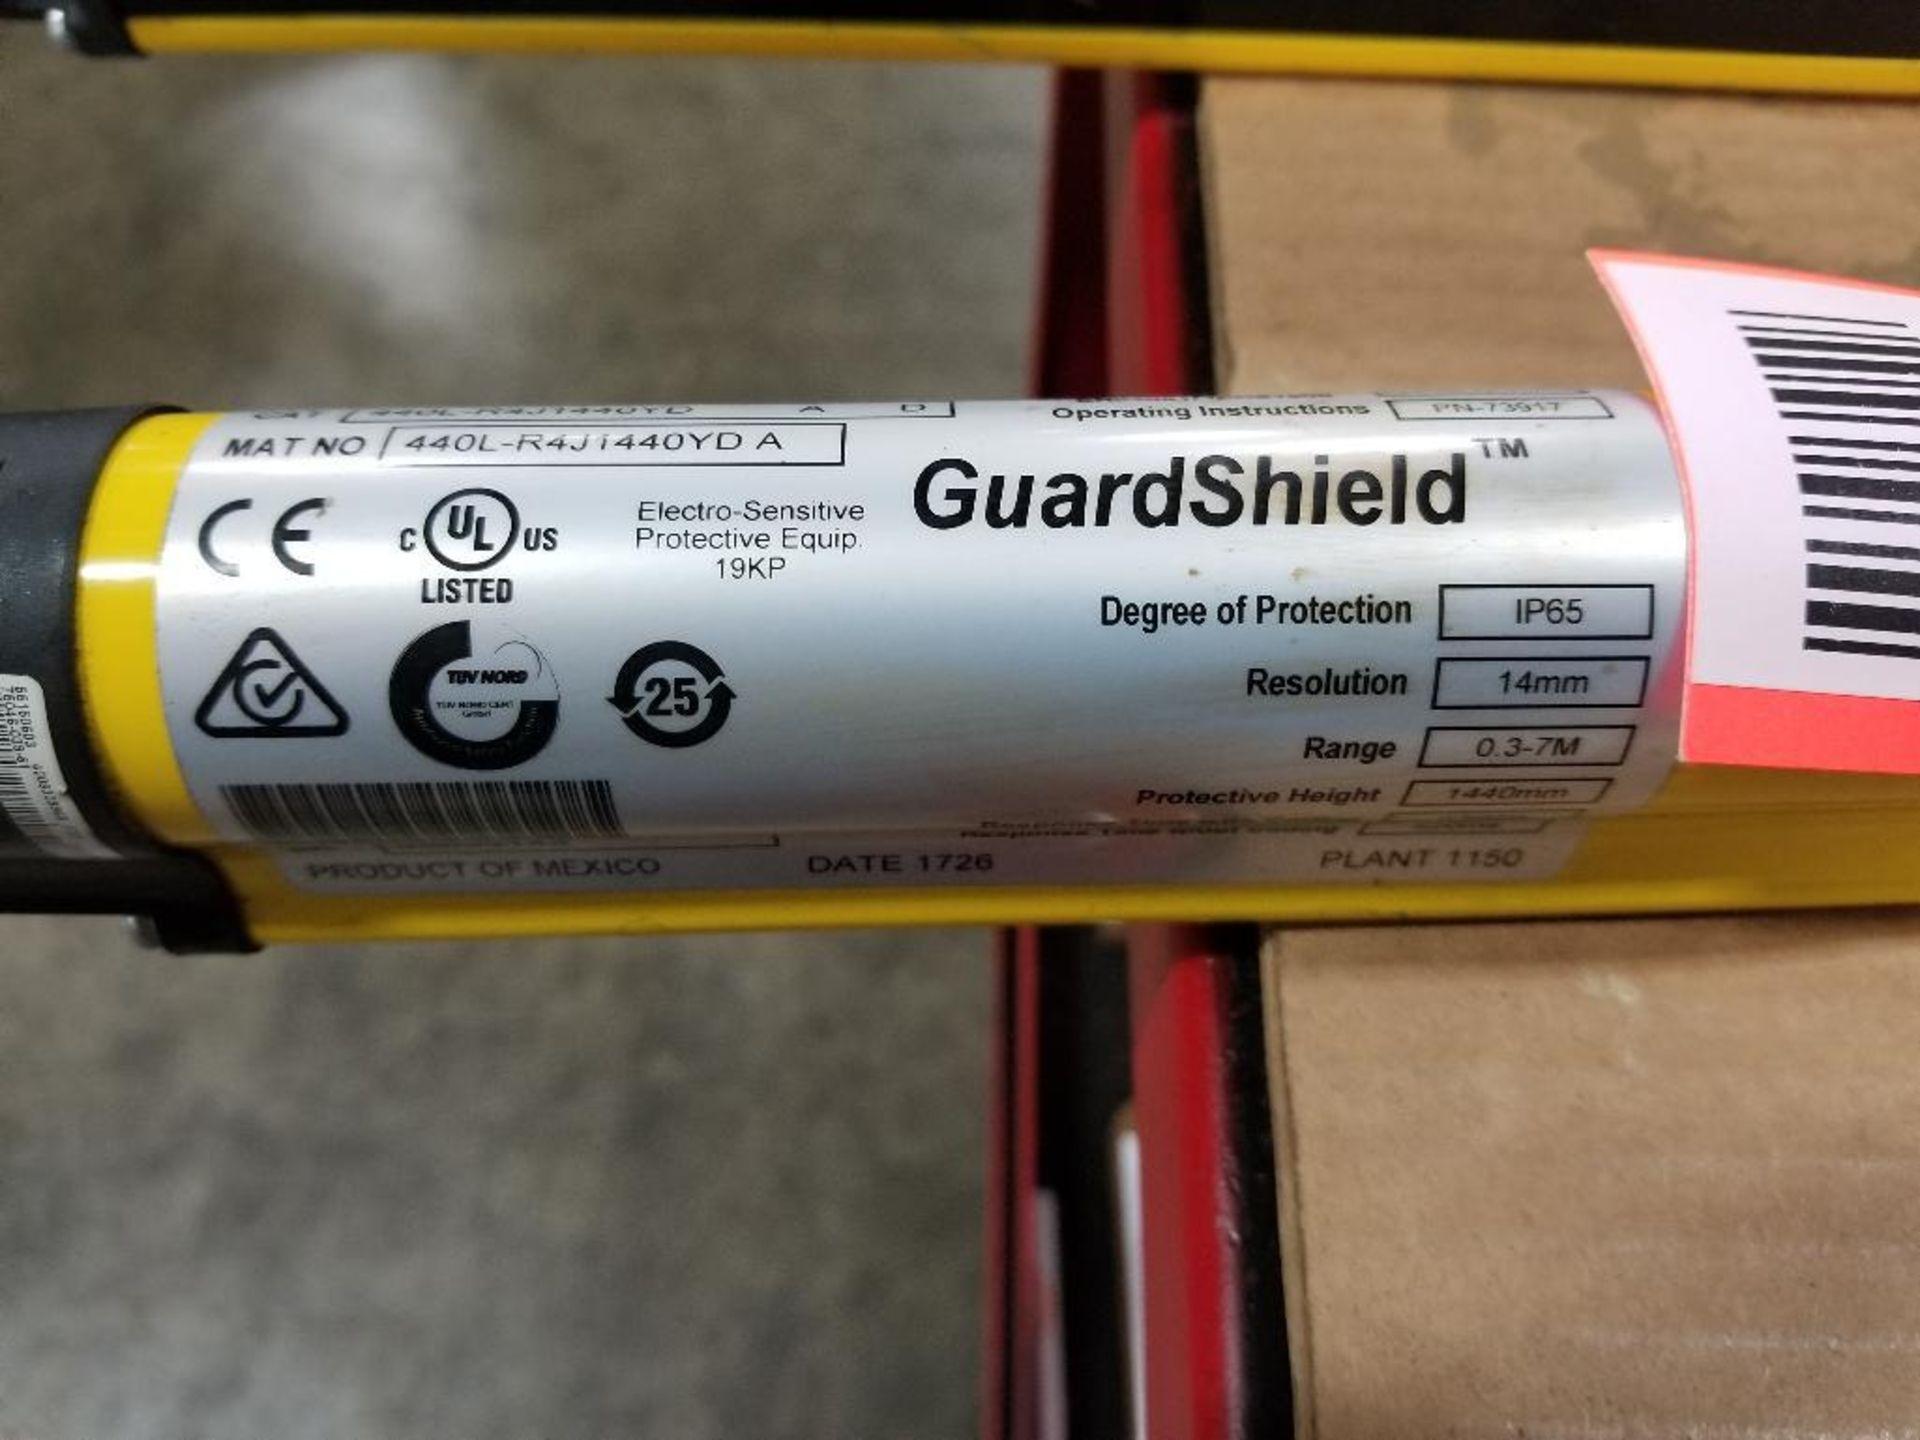 Allen Bradley Light curtain transmitter / receiver set. GuardMaster GuardShield T4J440YD 4K0AM1EF. - Image 23 of 23